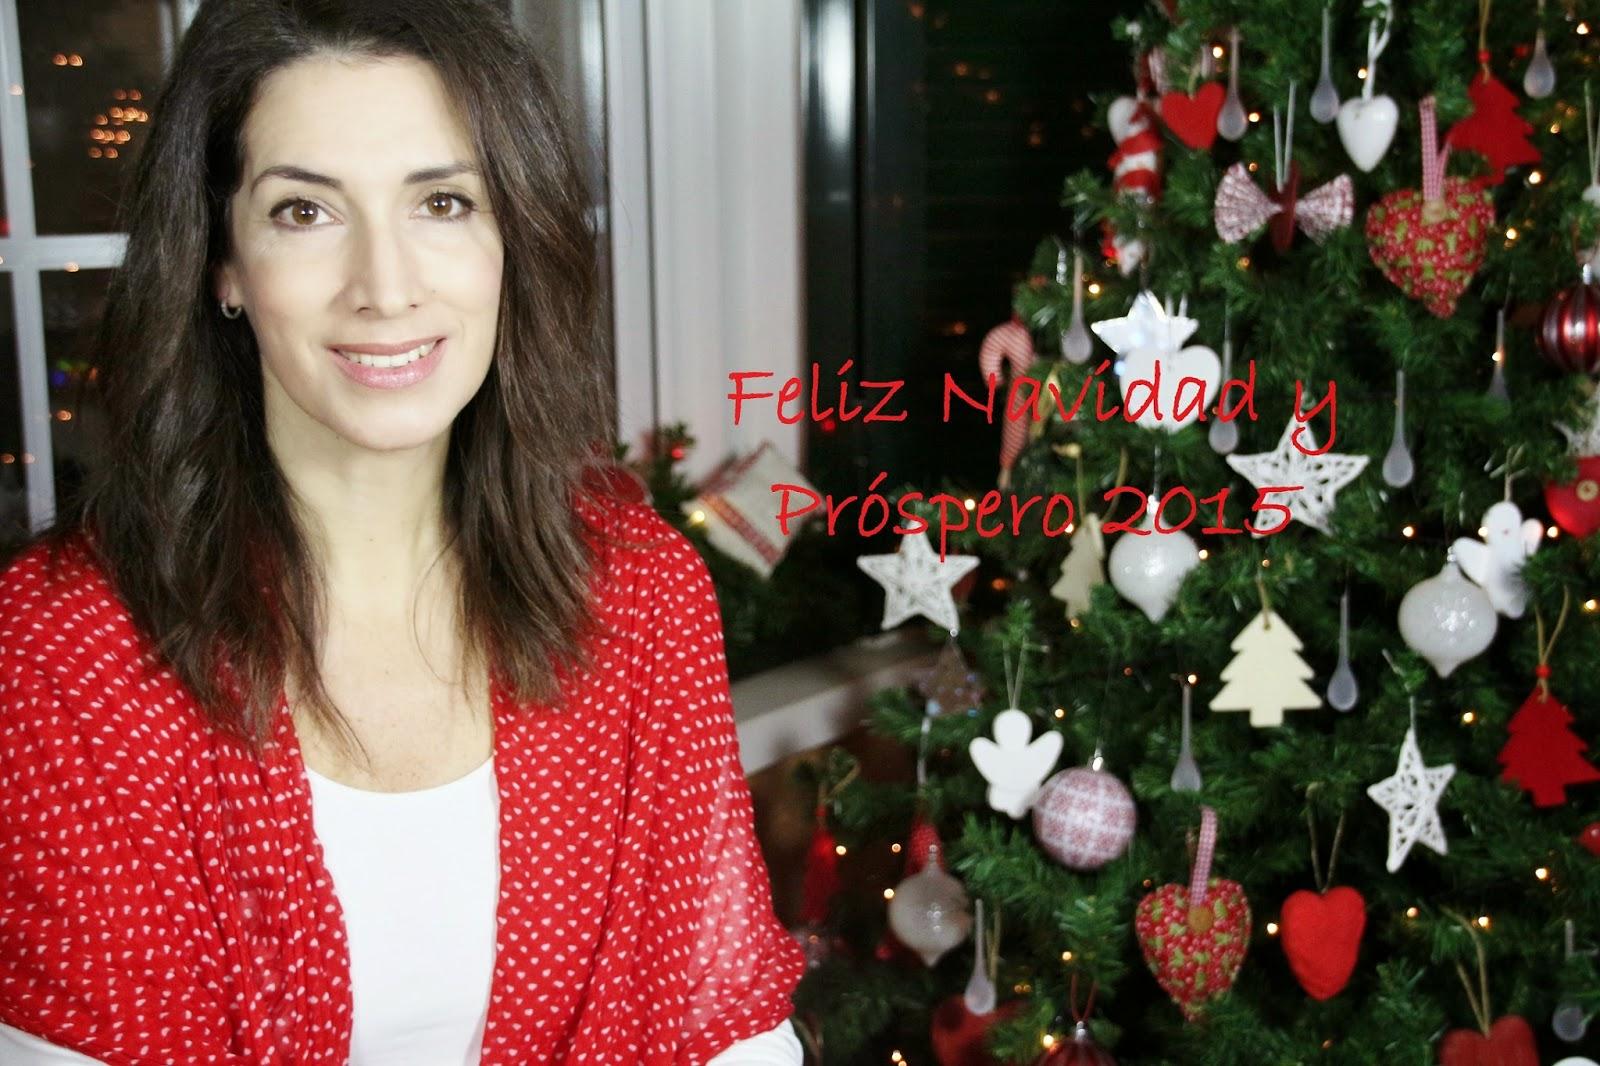 Feliz Navidad y próspero 2015